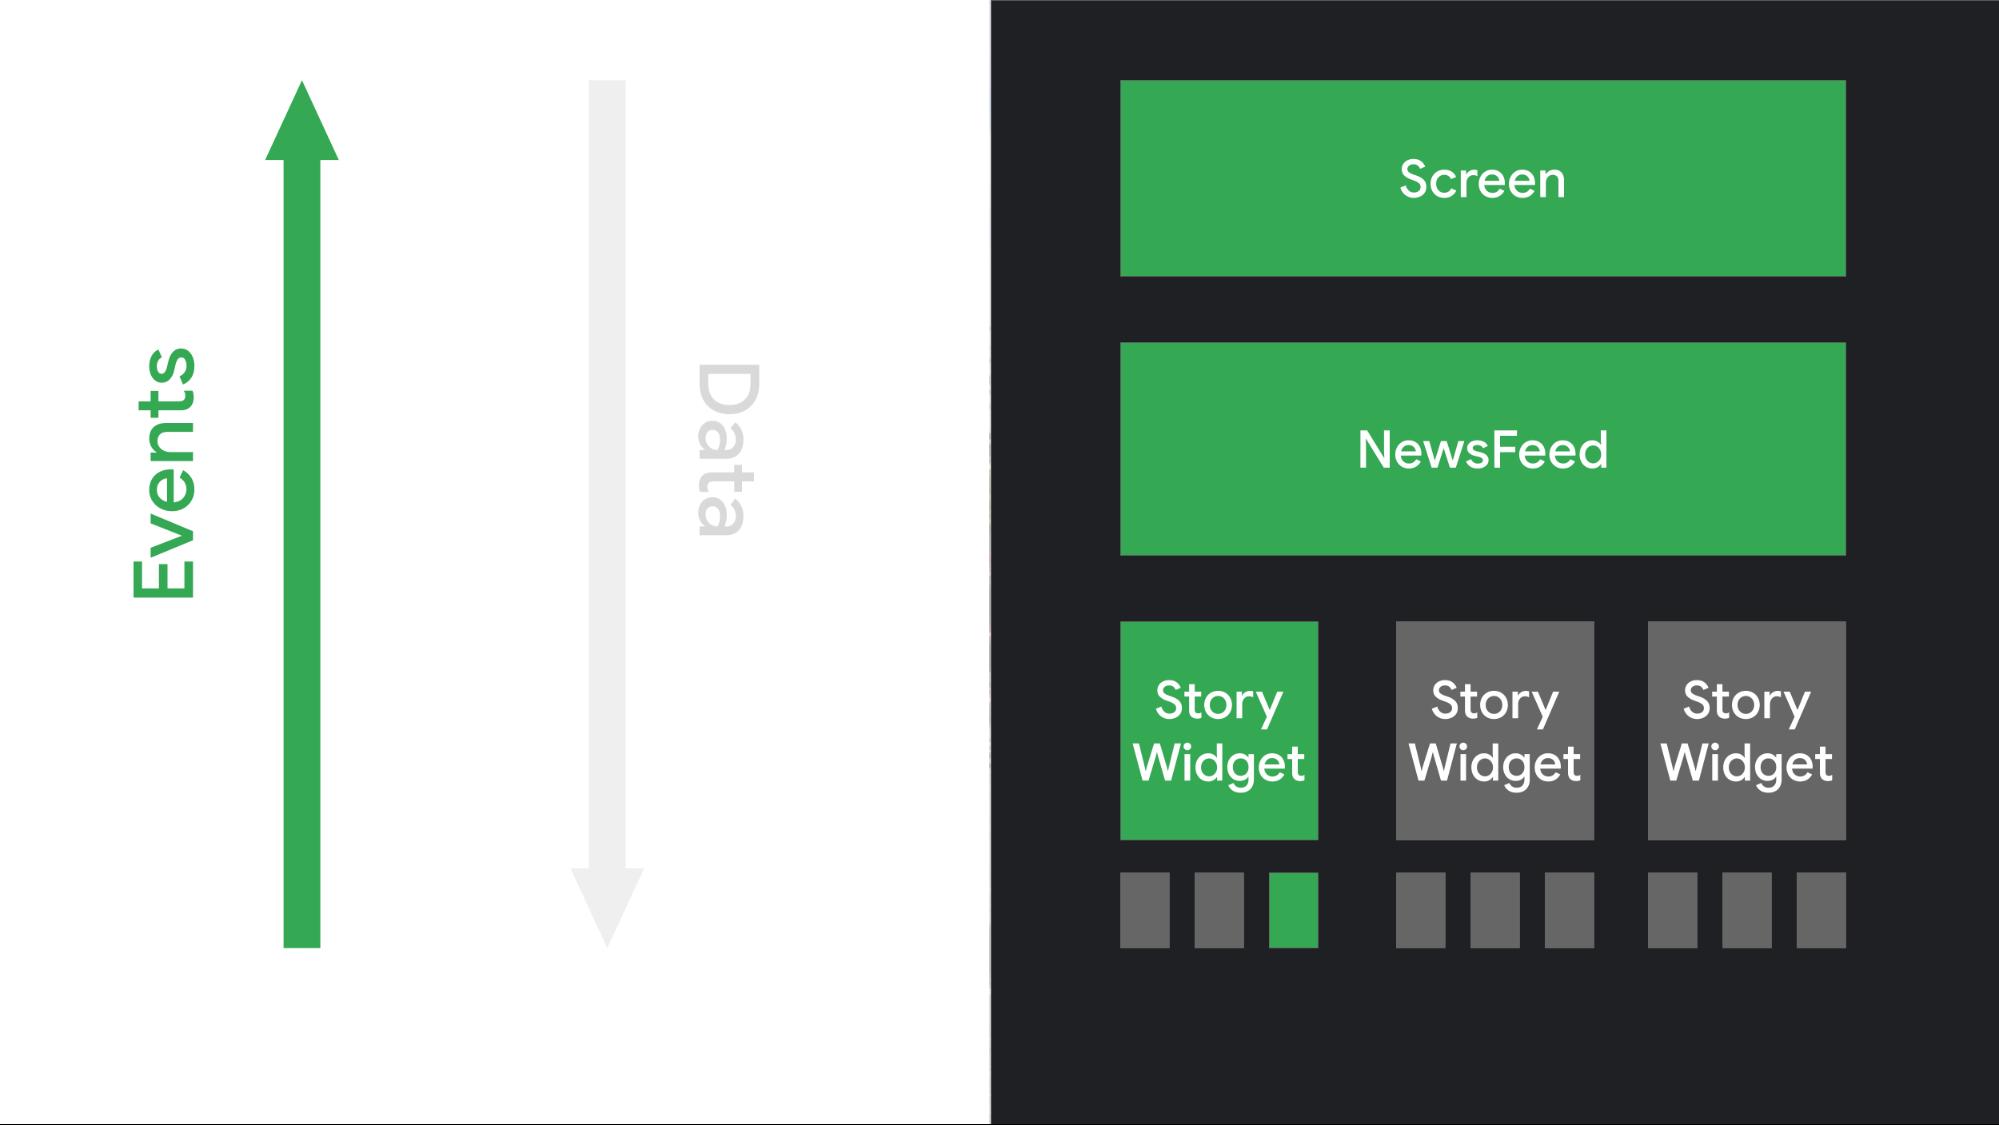 Ilustrasi tentang cara elemen UI merespons interaksi, dengan memicu peristiwa yang ditangani oleh logika aplikasi.